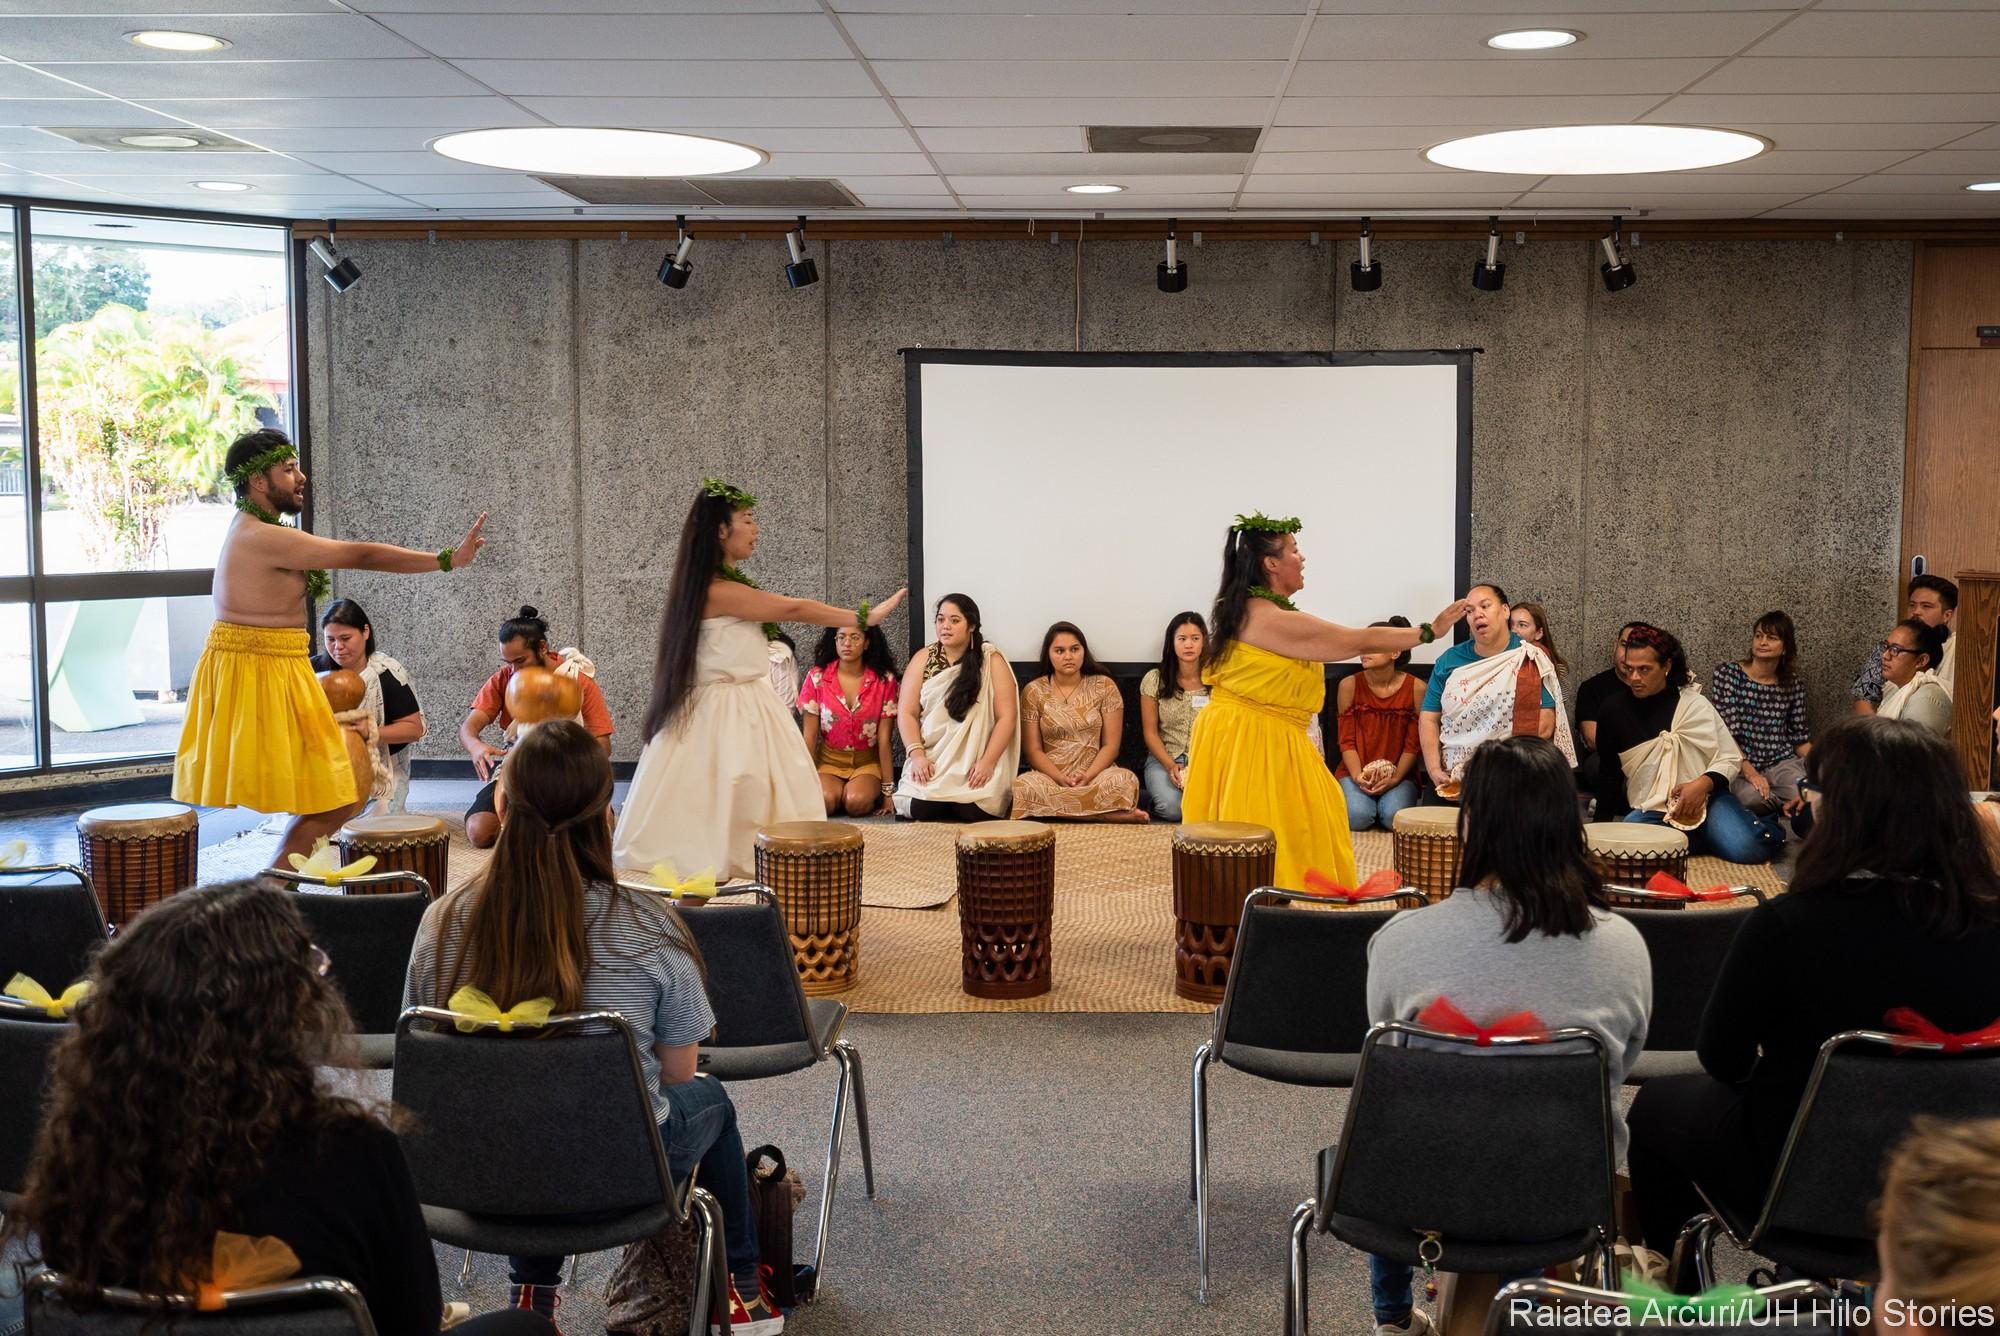 Opening Hawaiian ceremonies, dancers, drums